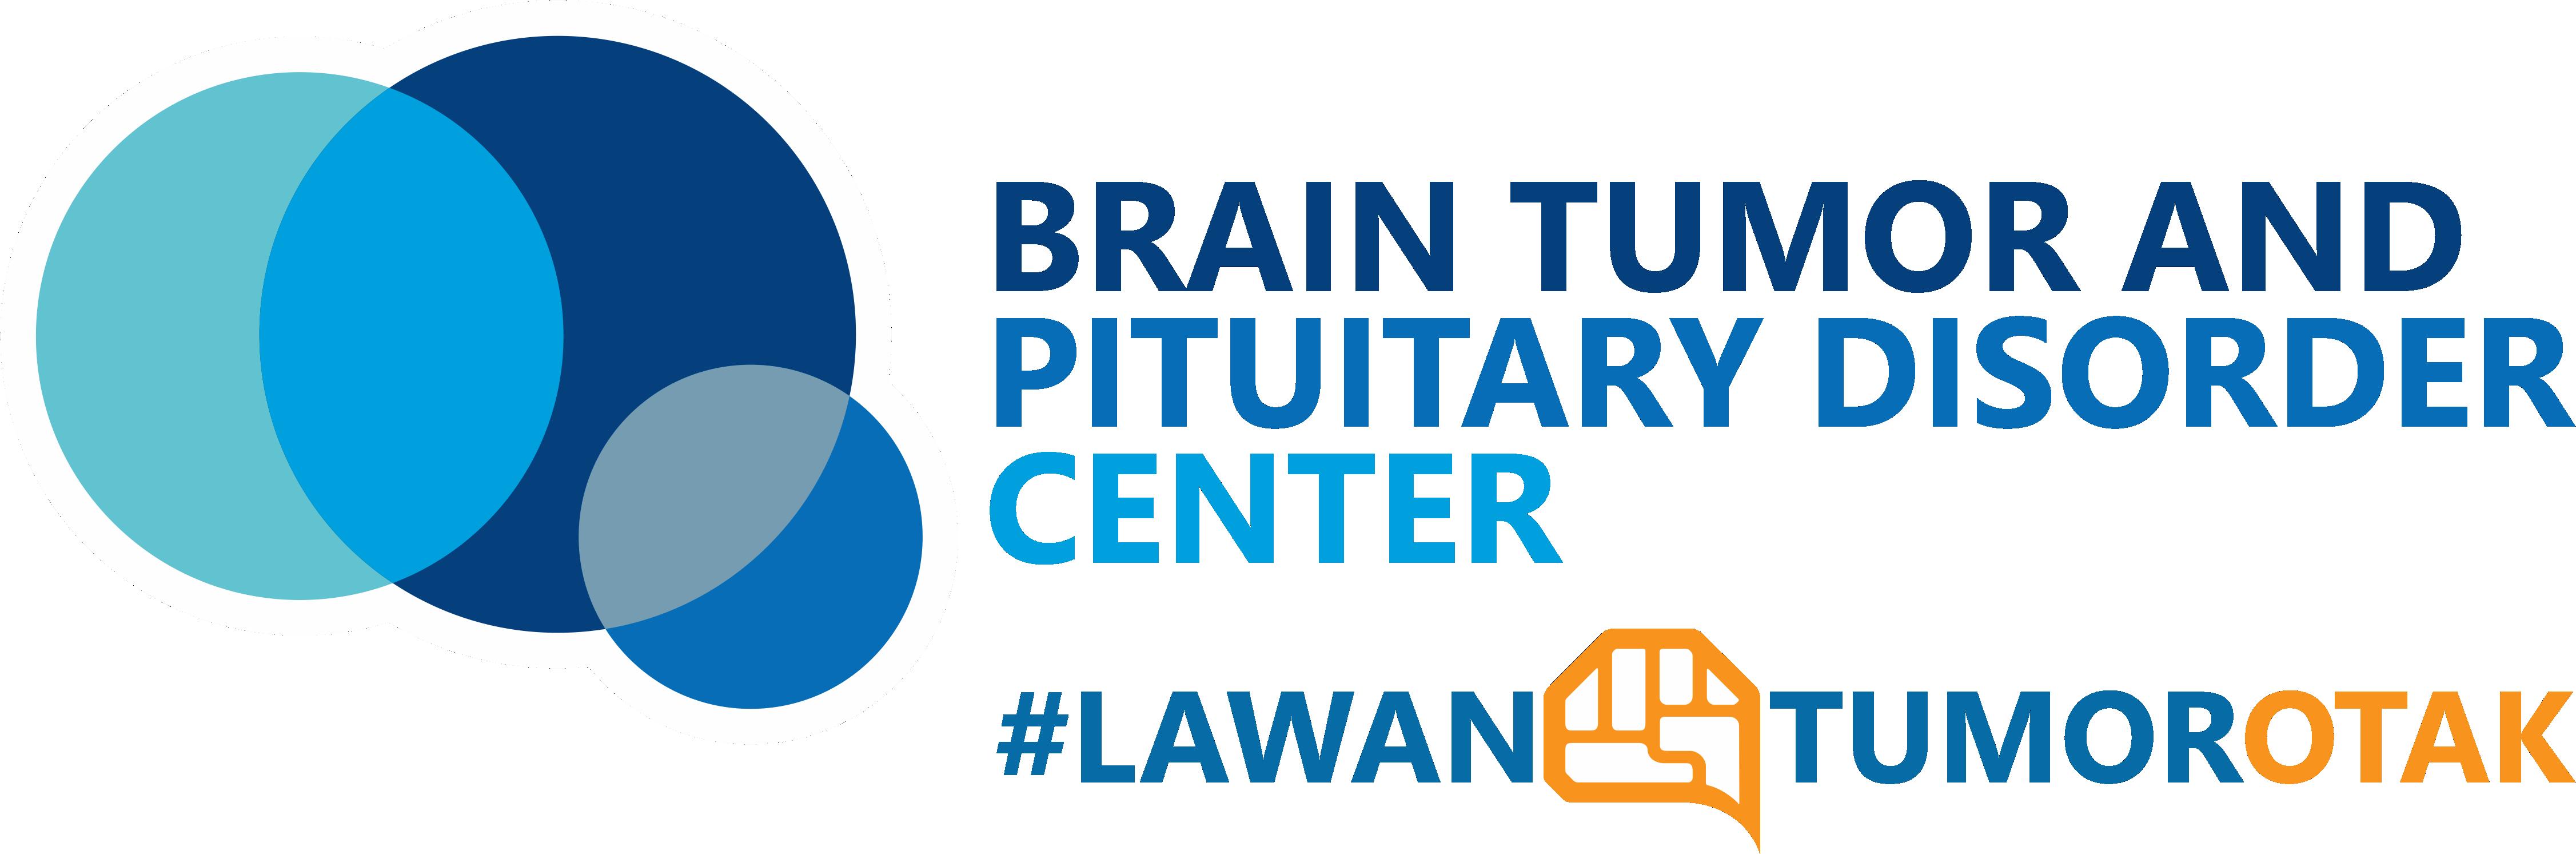 Brain Tumor Indonesia, Tumor Otak, Otak, Kanker, Obat Tumor, Penyebab Tumor, Dokter Spesialis Otak, Dokter Spesialis Kanker Otak